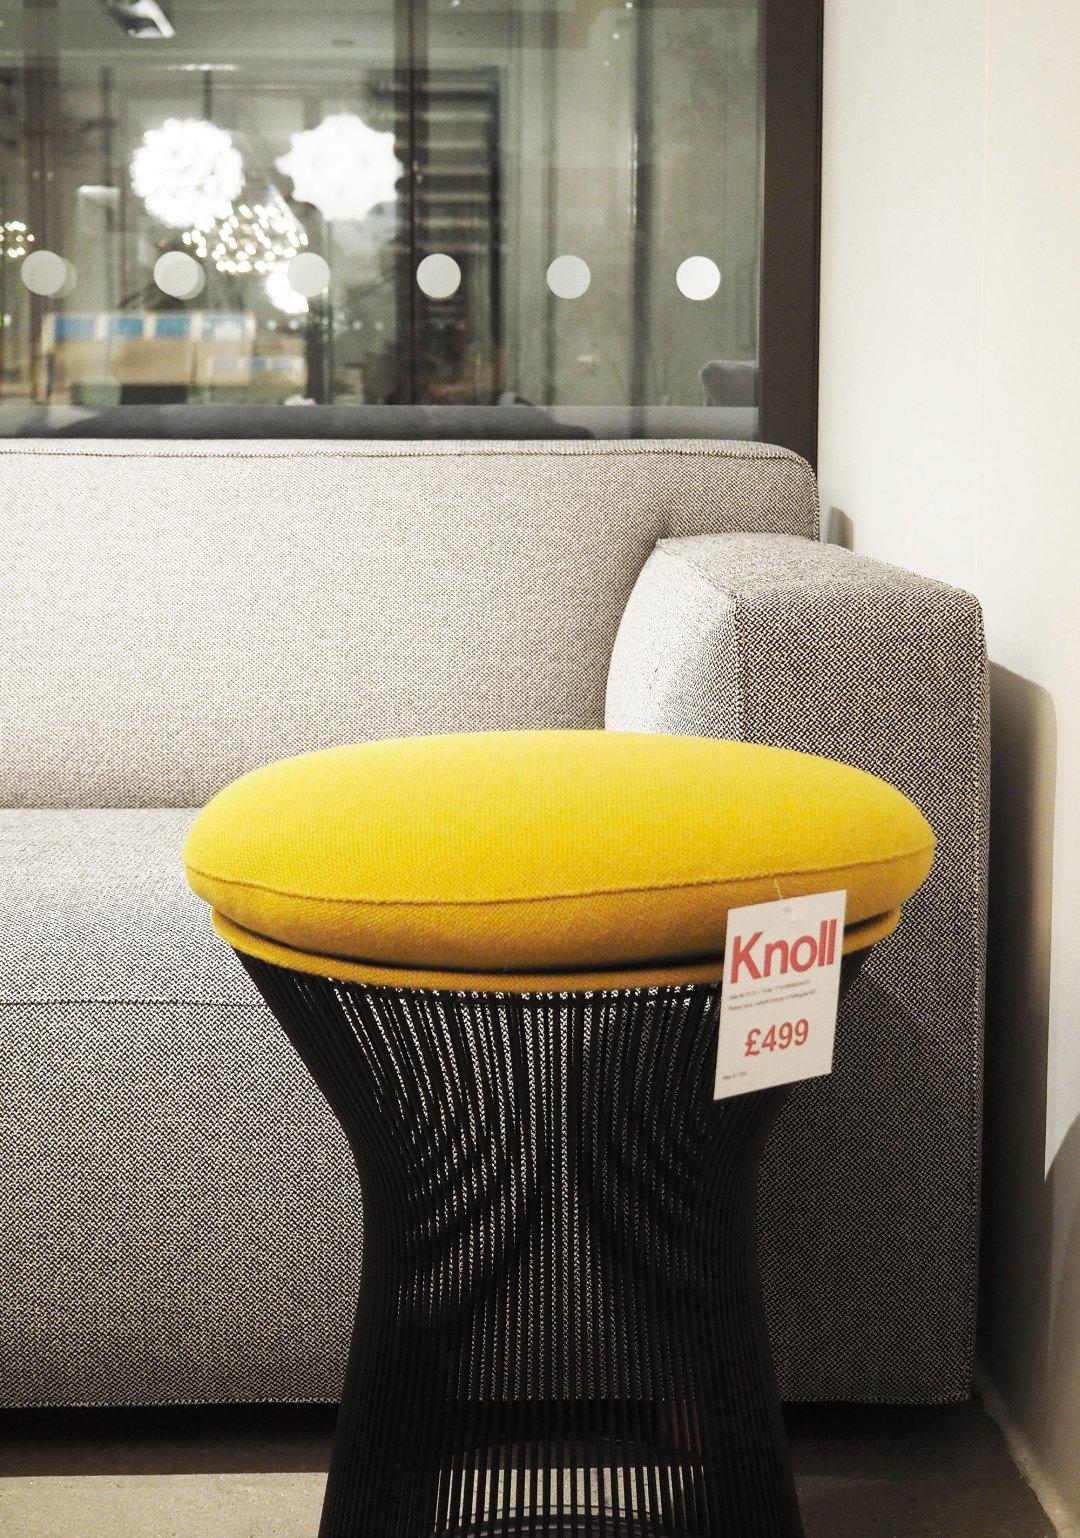 platner stool - Knoll